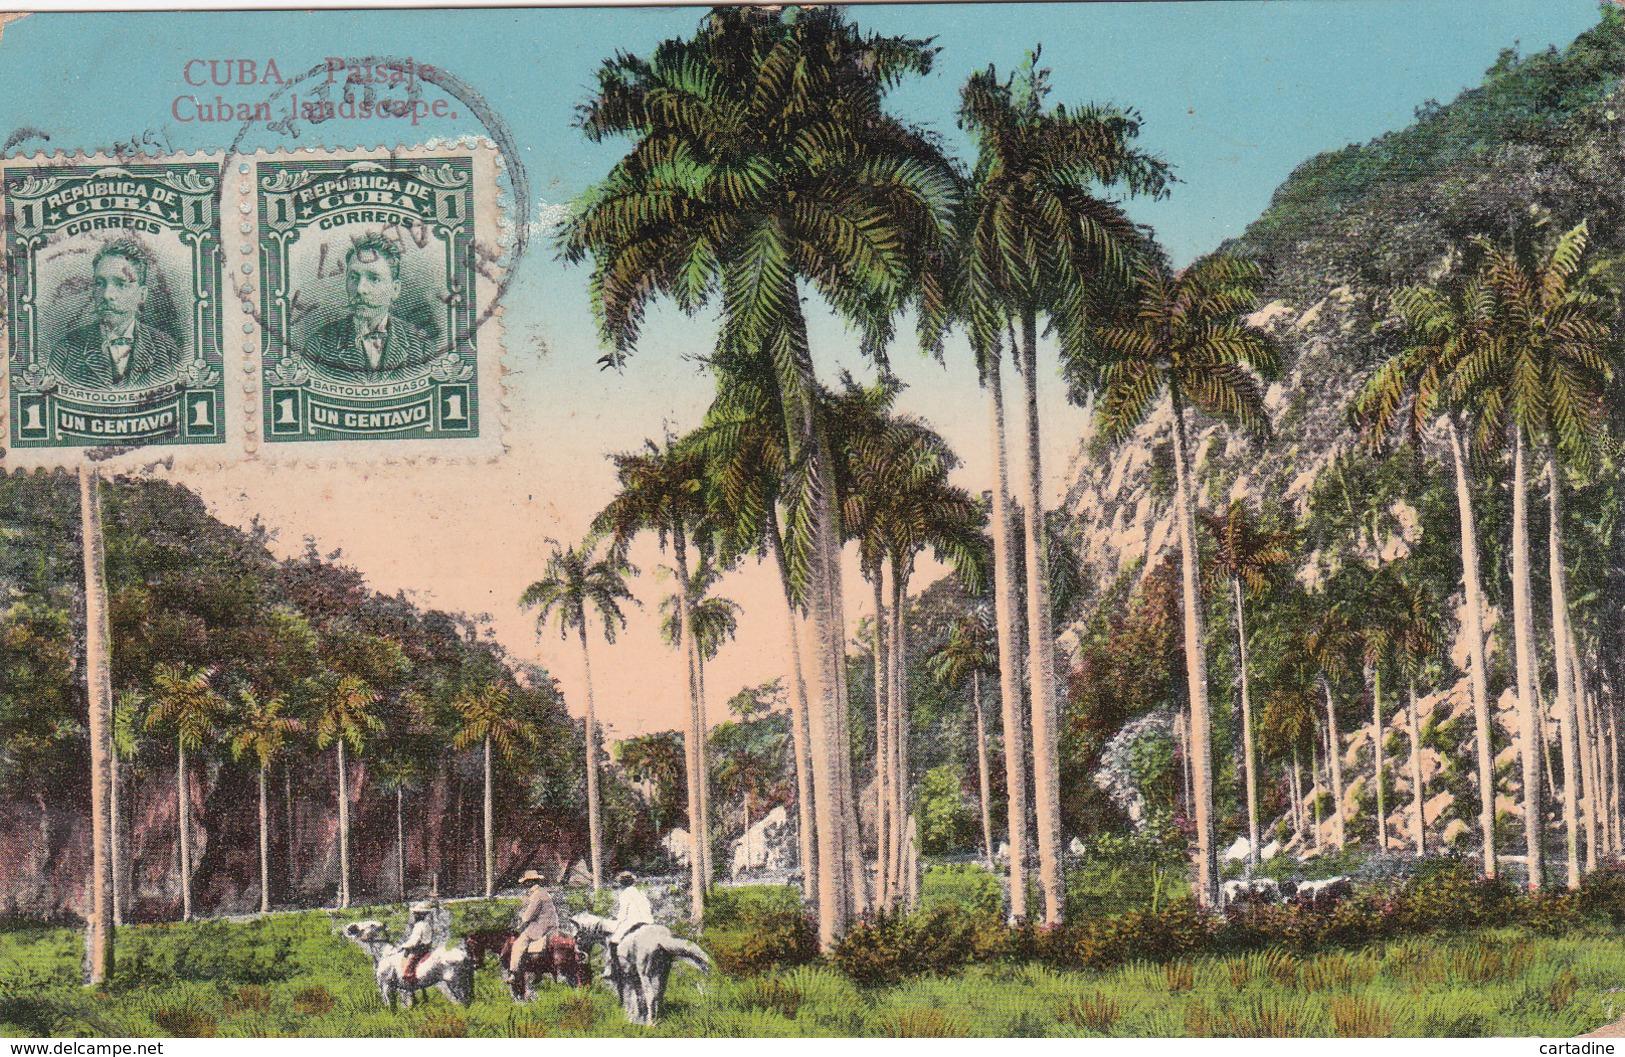 CUBA - Cuba Paisaje / Cuban Landscape - 1914 - Cuba